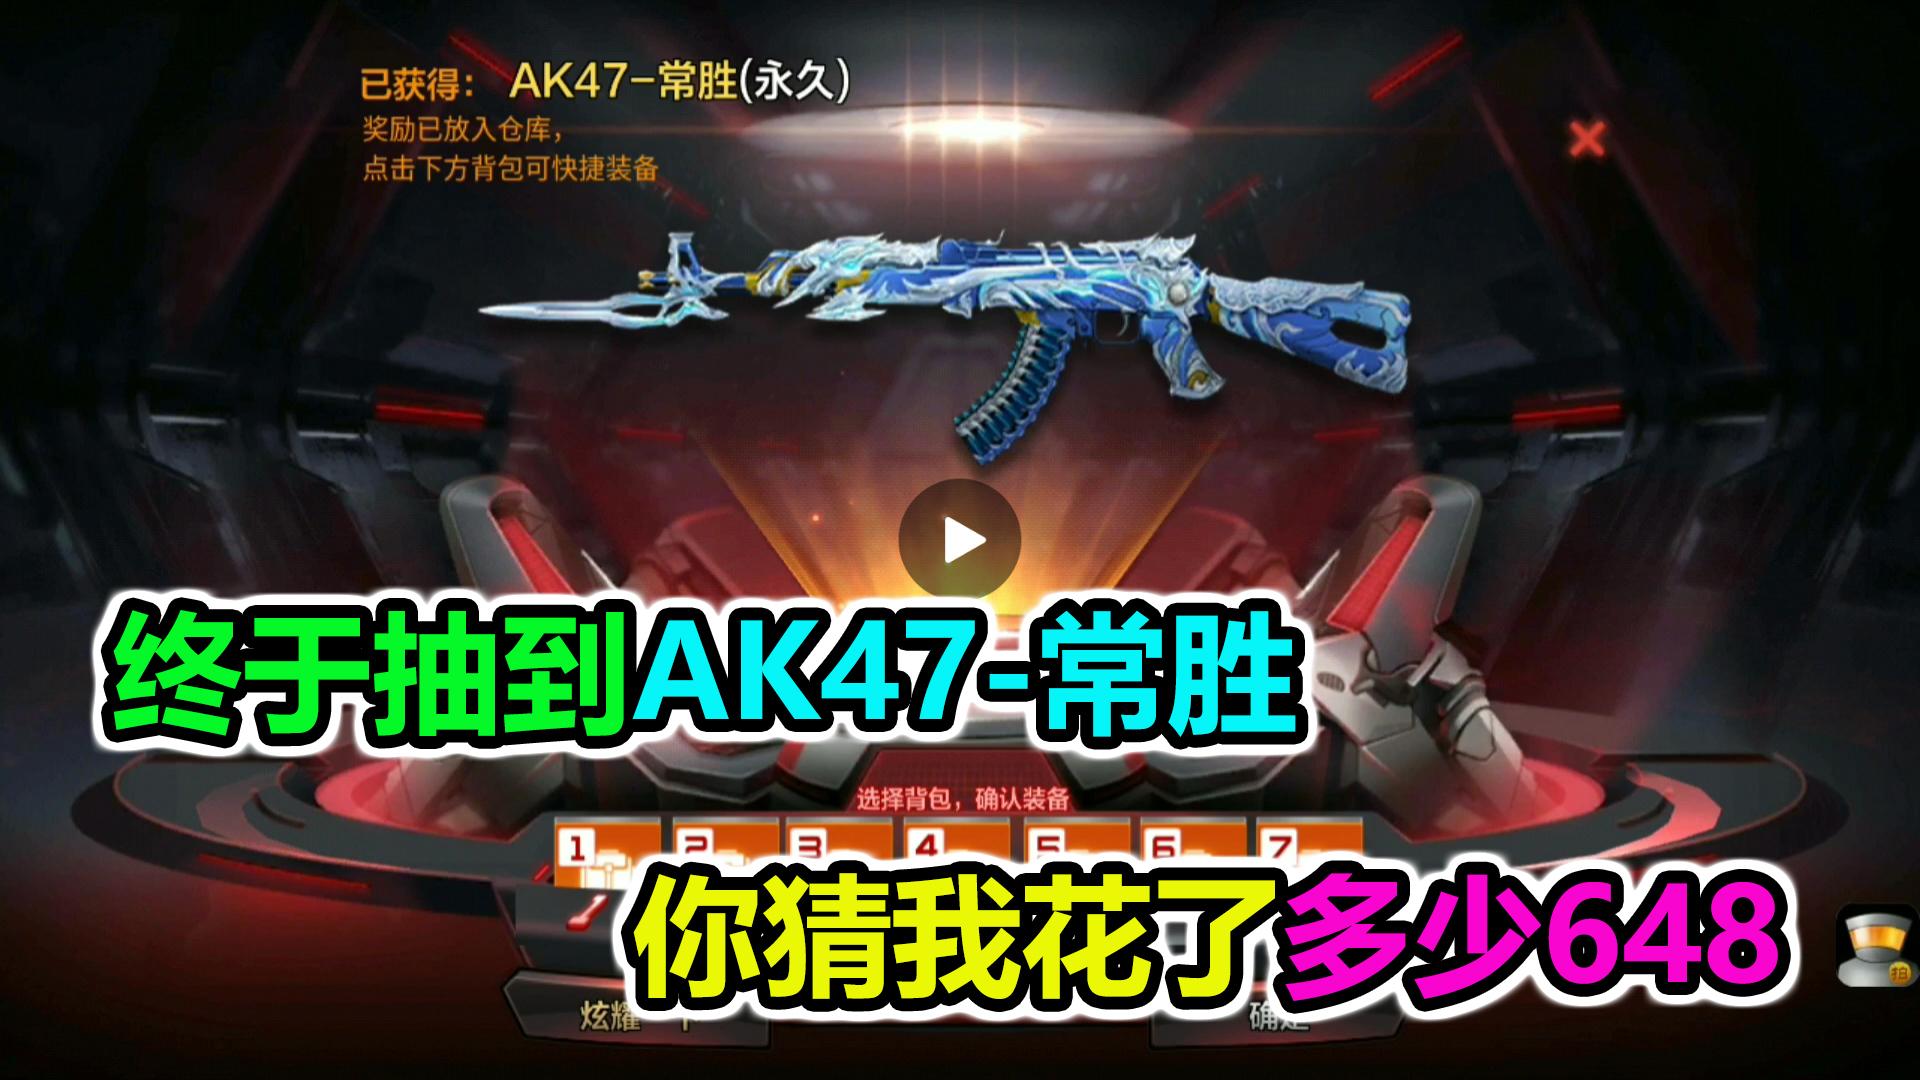 落星:终于抽到AK47-常胜,你猜我花了多少个648?欧皇就是任性